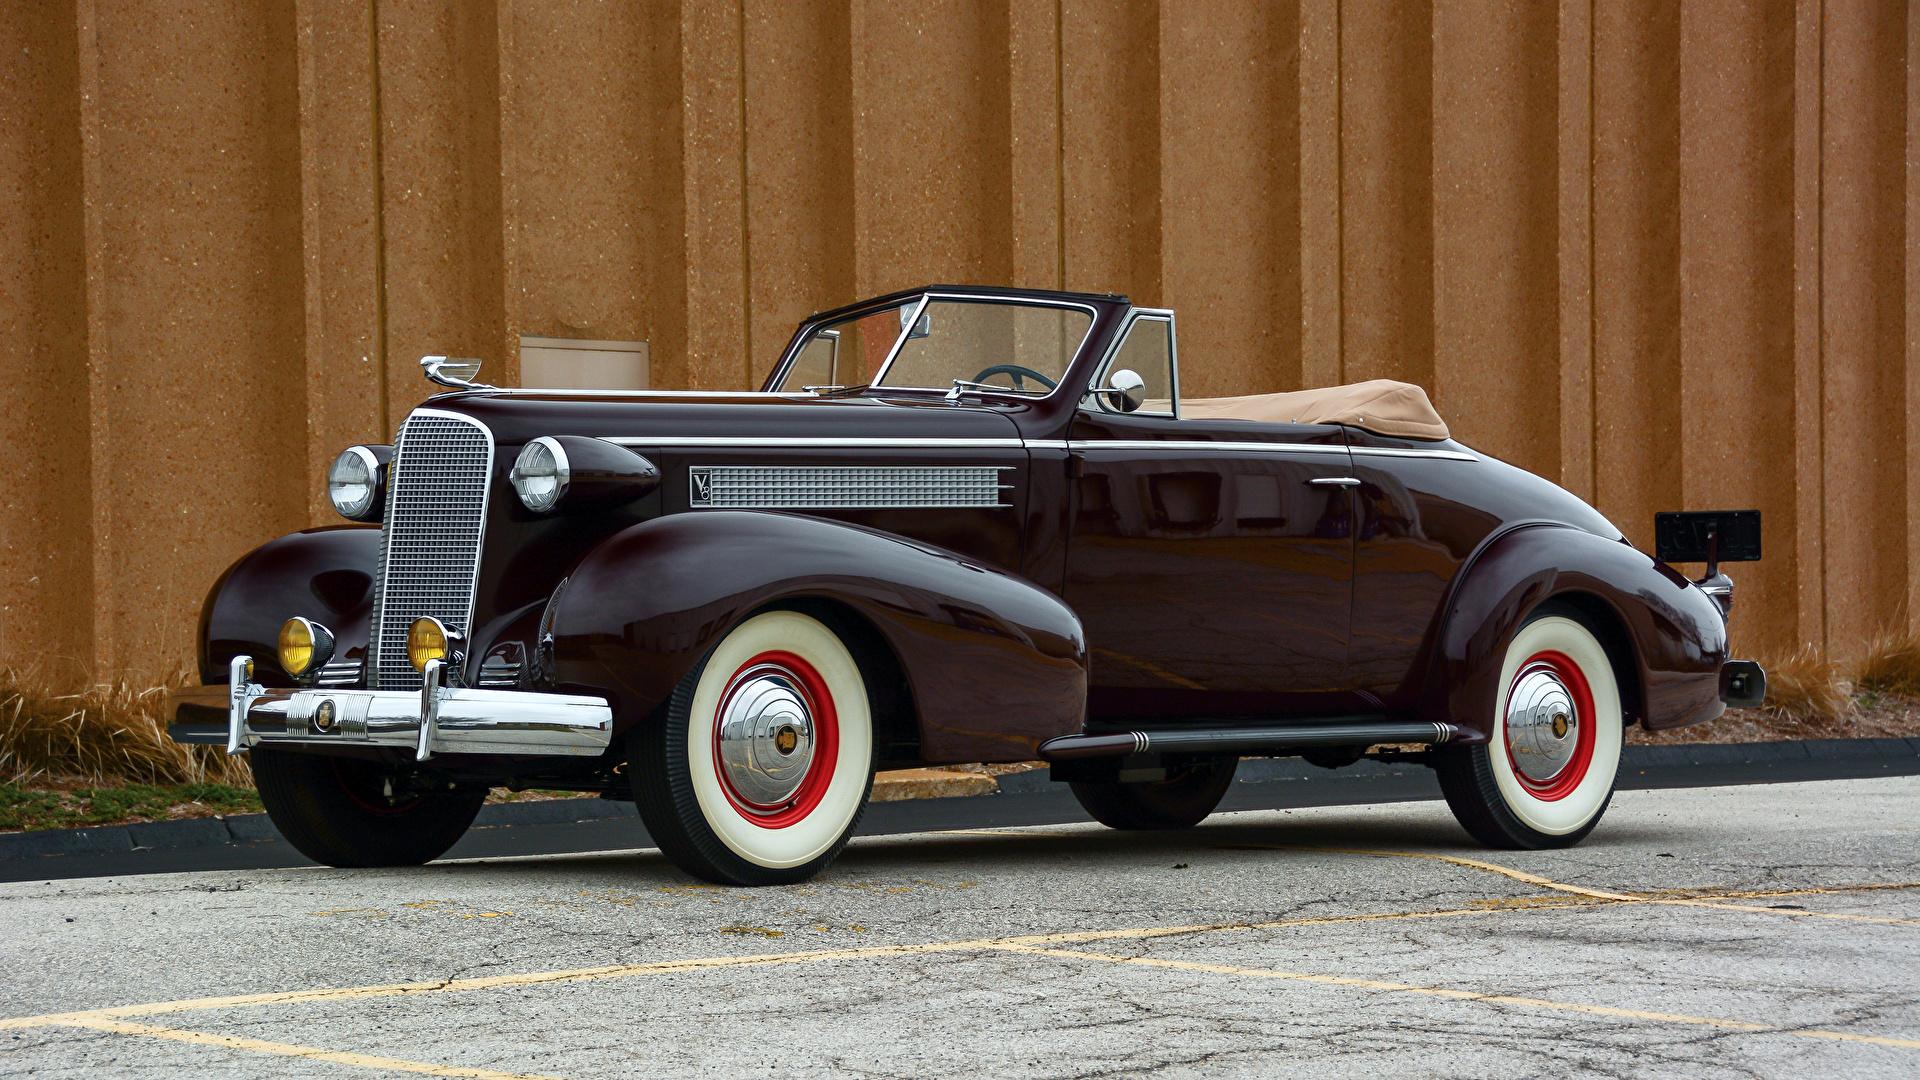 Фото Кадиллак 1937 Series 60 Convertible Coupe by Fisher кабриолета черная Металлик Автомобили 1920x1080 Cadillac Кабриолет черных черные Черный авто машина машины автомобиль